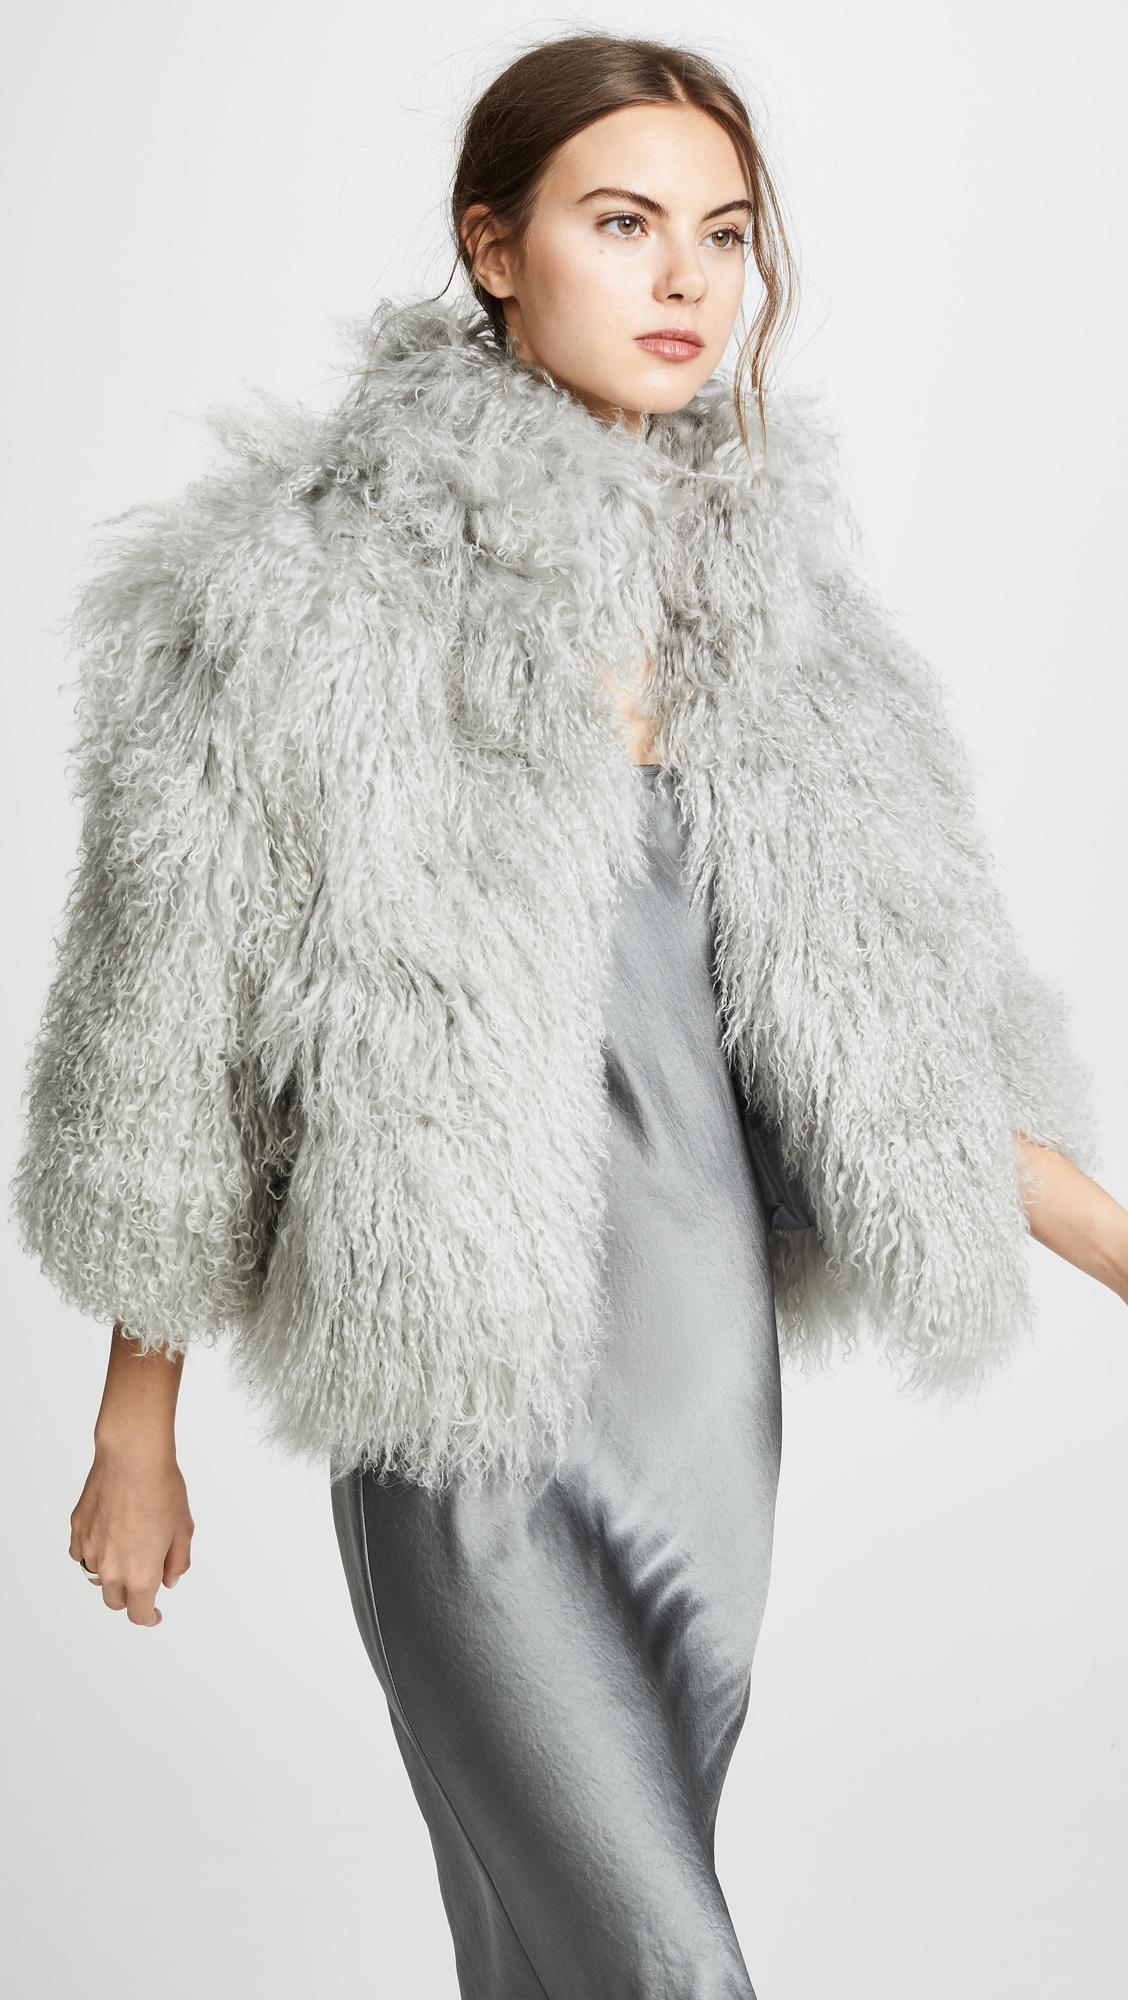 Mongolian Lamb Jacket, $695, Shopbop